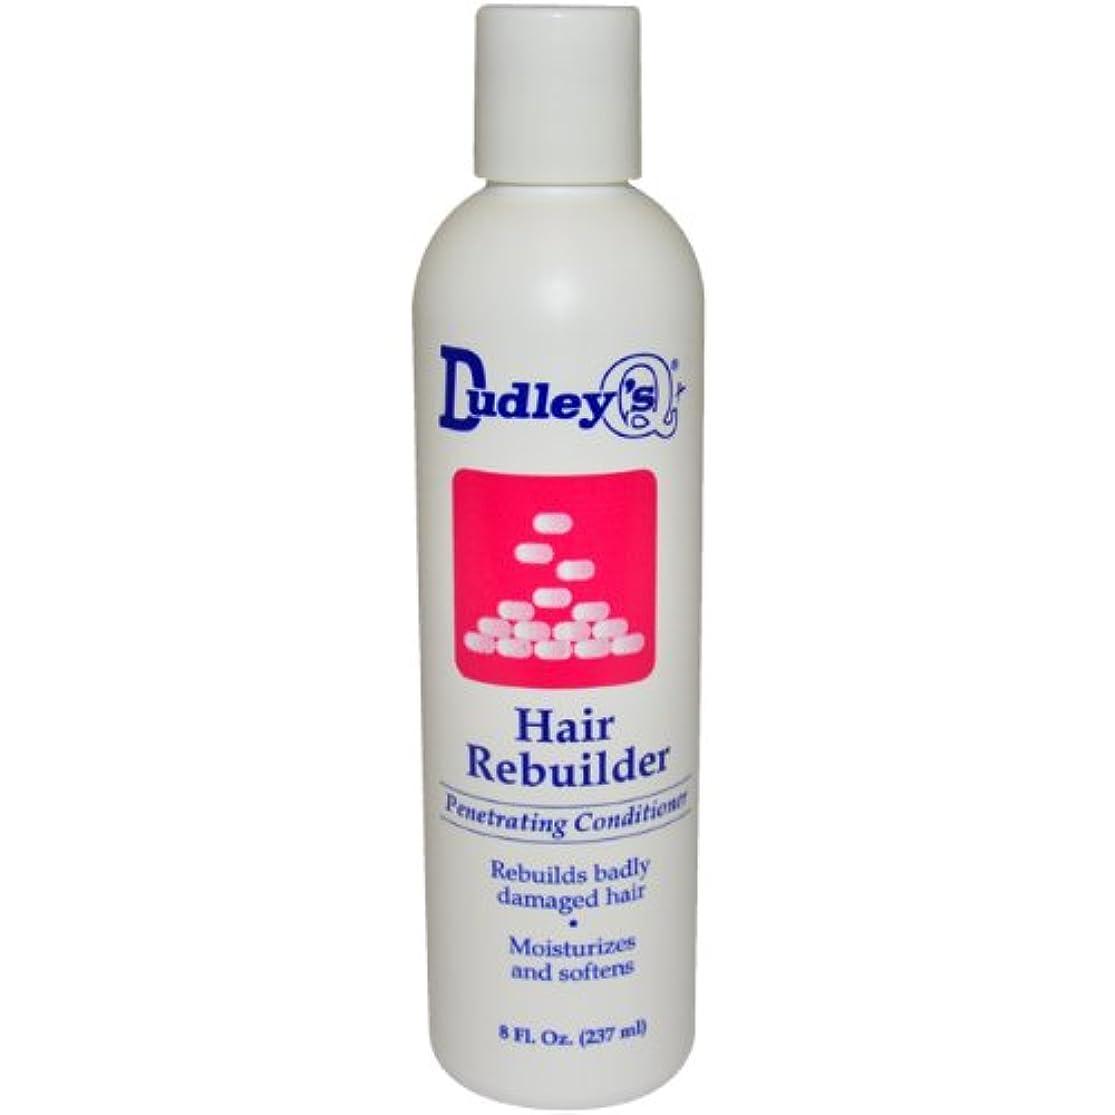 メッセンジャー組み合わせお風呂Dudley's 髪の再建浸透性ユニセックスコンディショナー、8オンス 小さい 白